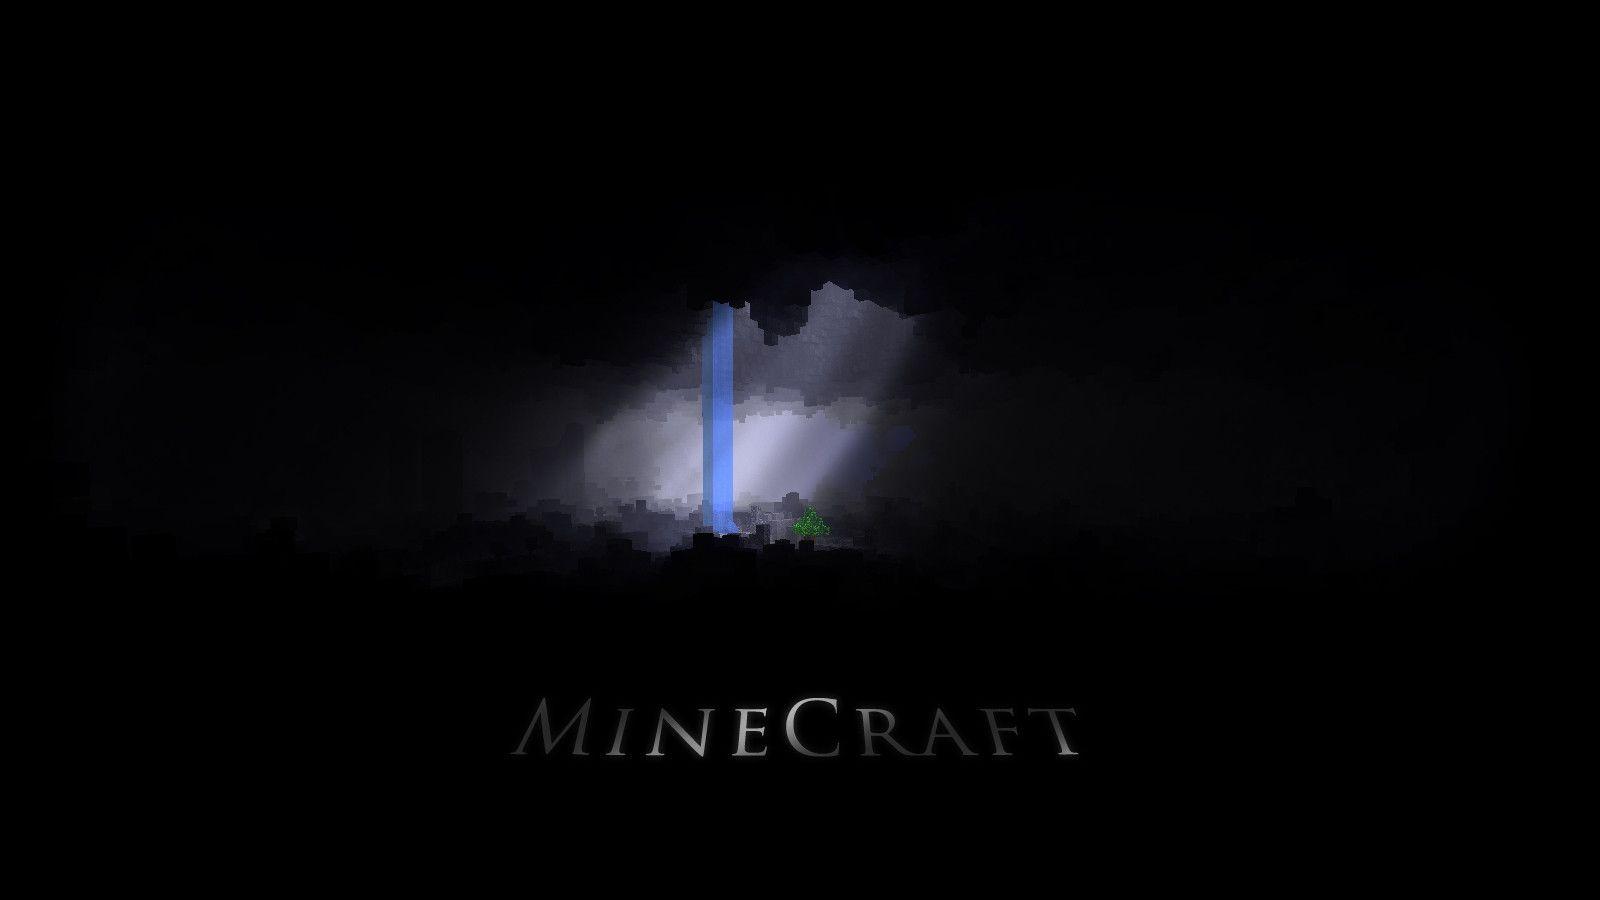 Video Games Dark Minecraft 1600x900 Wallpaper Minecraft Wallpaper Amazing Minecraft Abstract Wallpaper